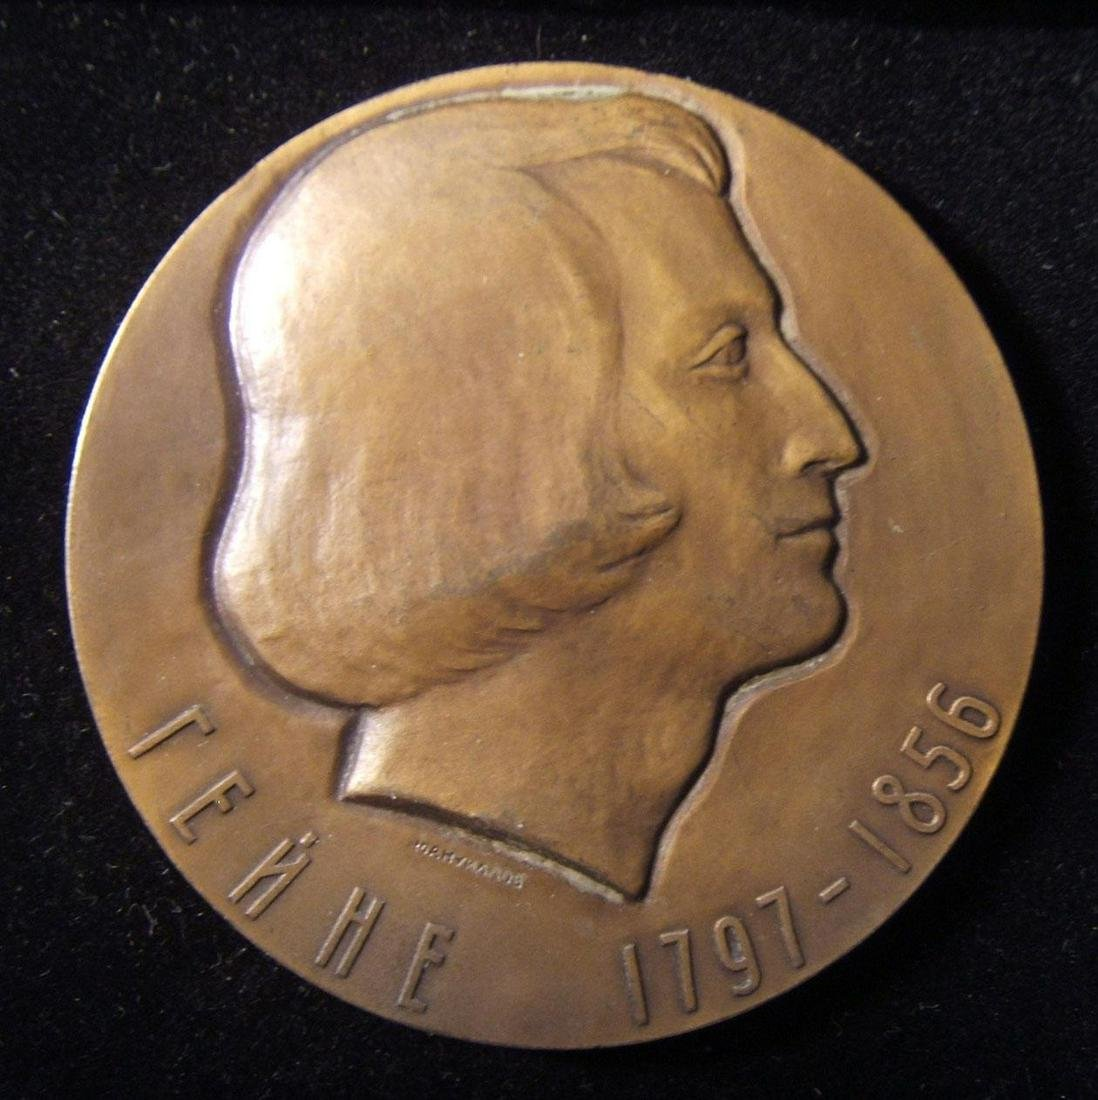 Heinrich Heine Judaica bronze medal by A. A. Manuilov,